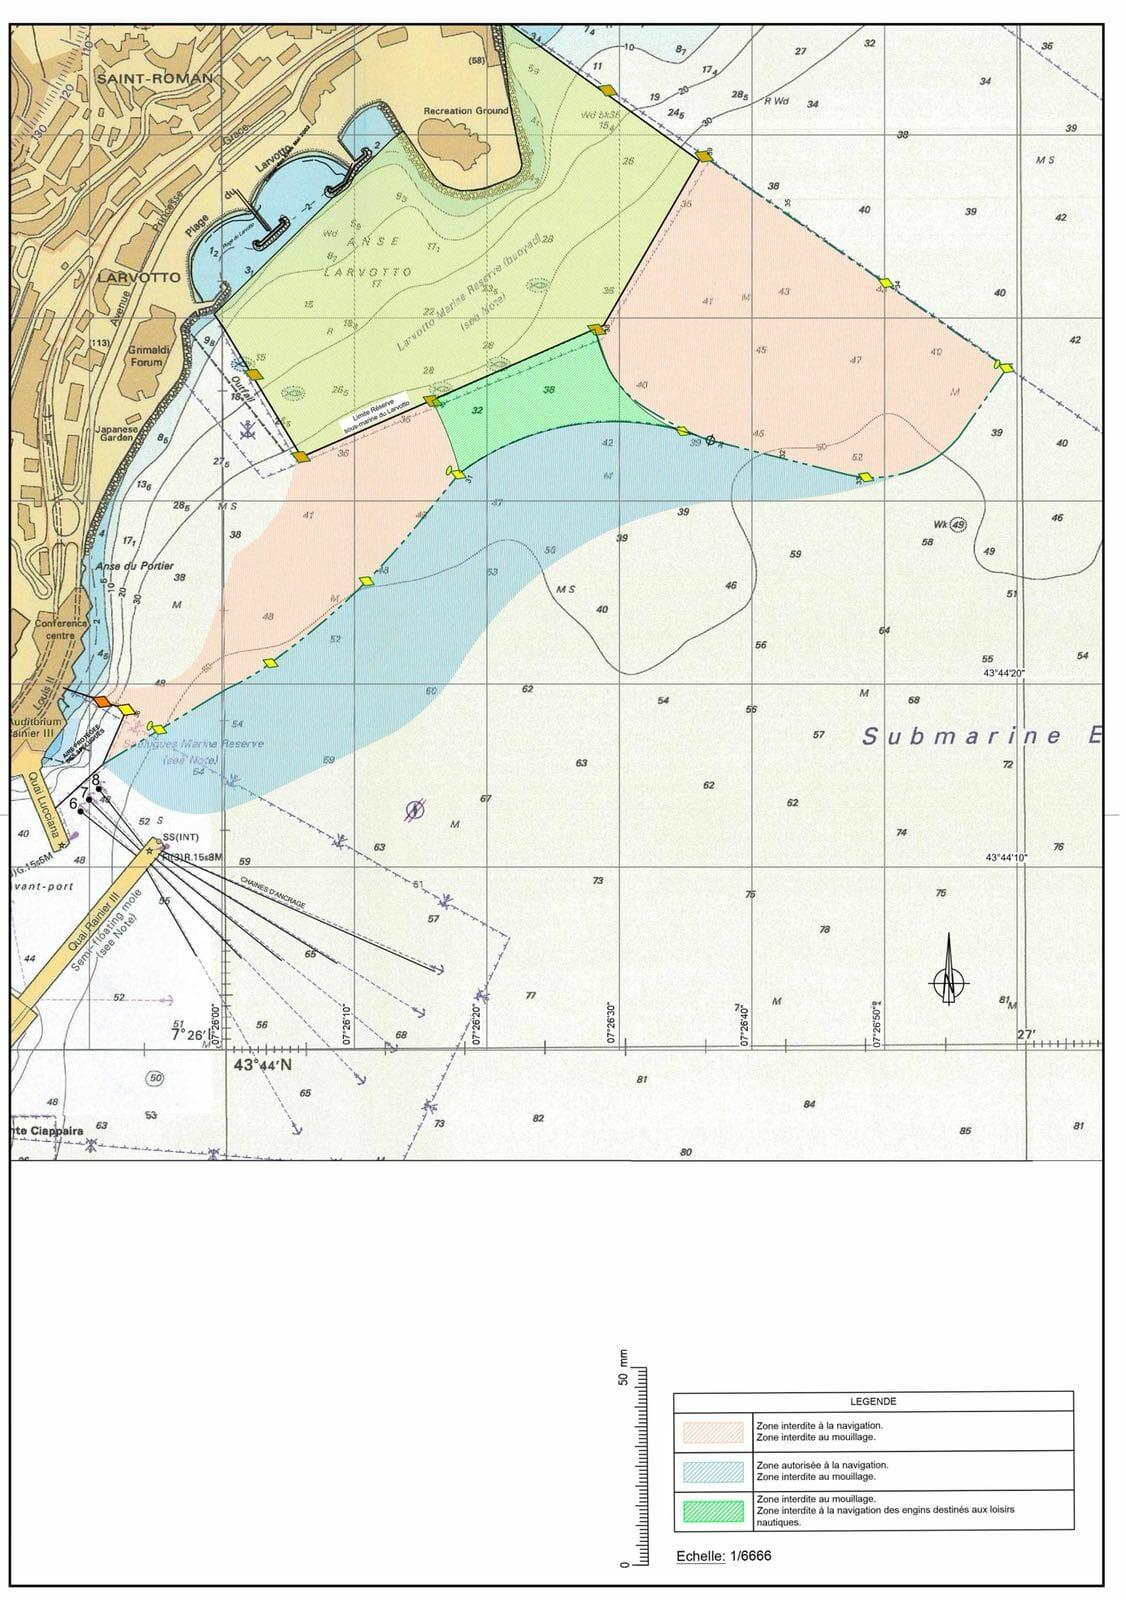 Согласно Суверенному приказу, опубликованному в официальной газете правительства Монако (Journal de Monaco) 20 апреля 2018 года, водная территория вокруг строительства квартала «Портье» будет условно разделена на четыре зоны.